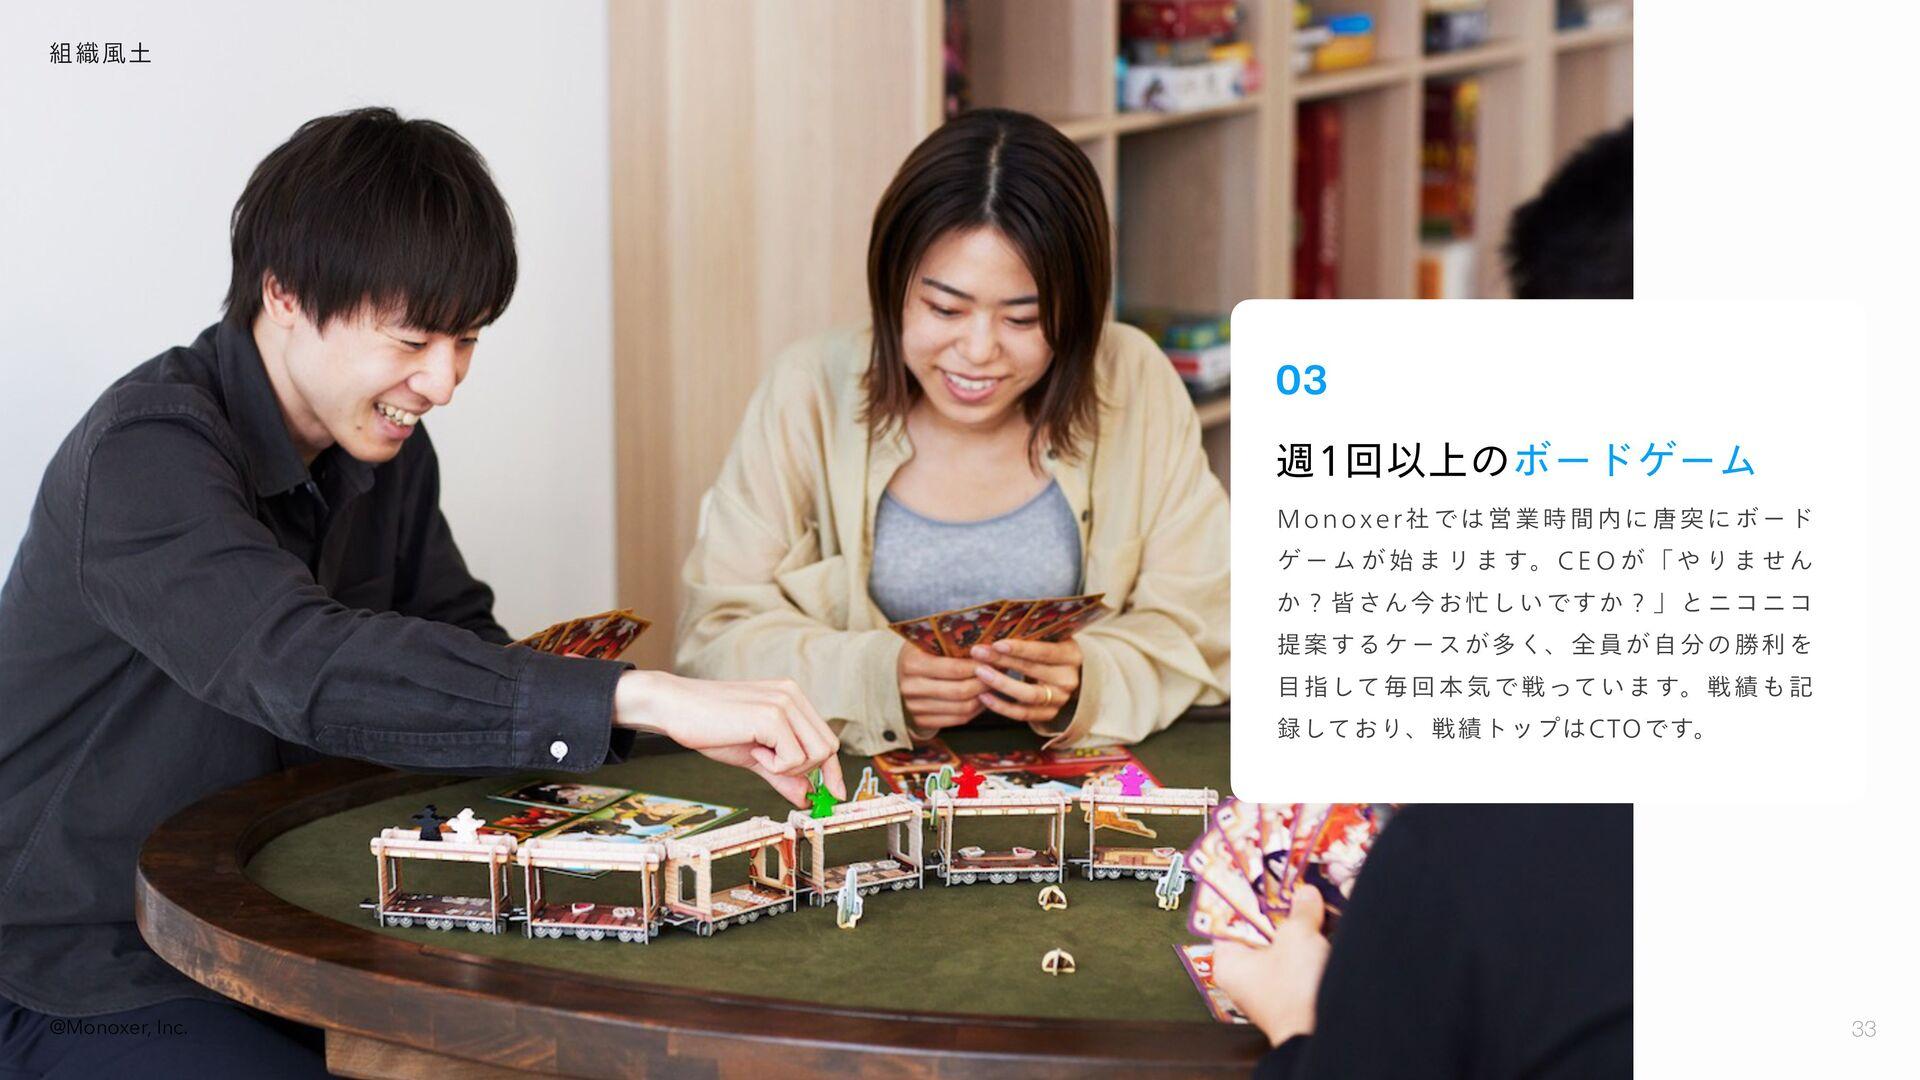 33 @Monoxer, Inc. όϦϡʔ ਓྨͷไ ۀͷΦʔφʔγοϓ ϓϩϑΣο...